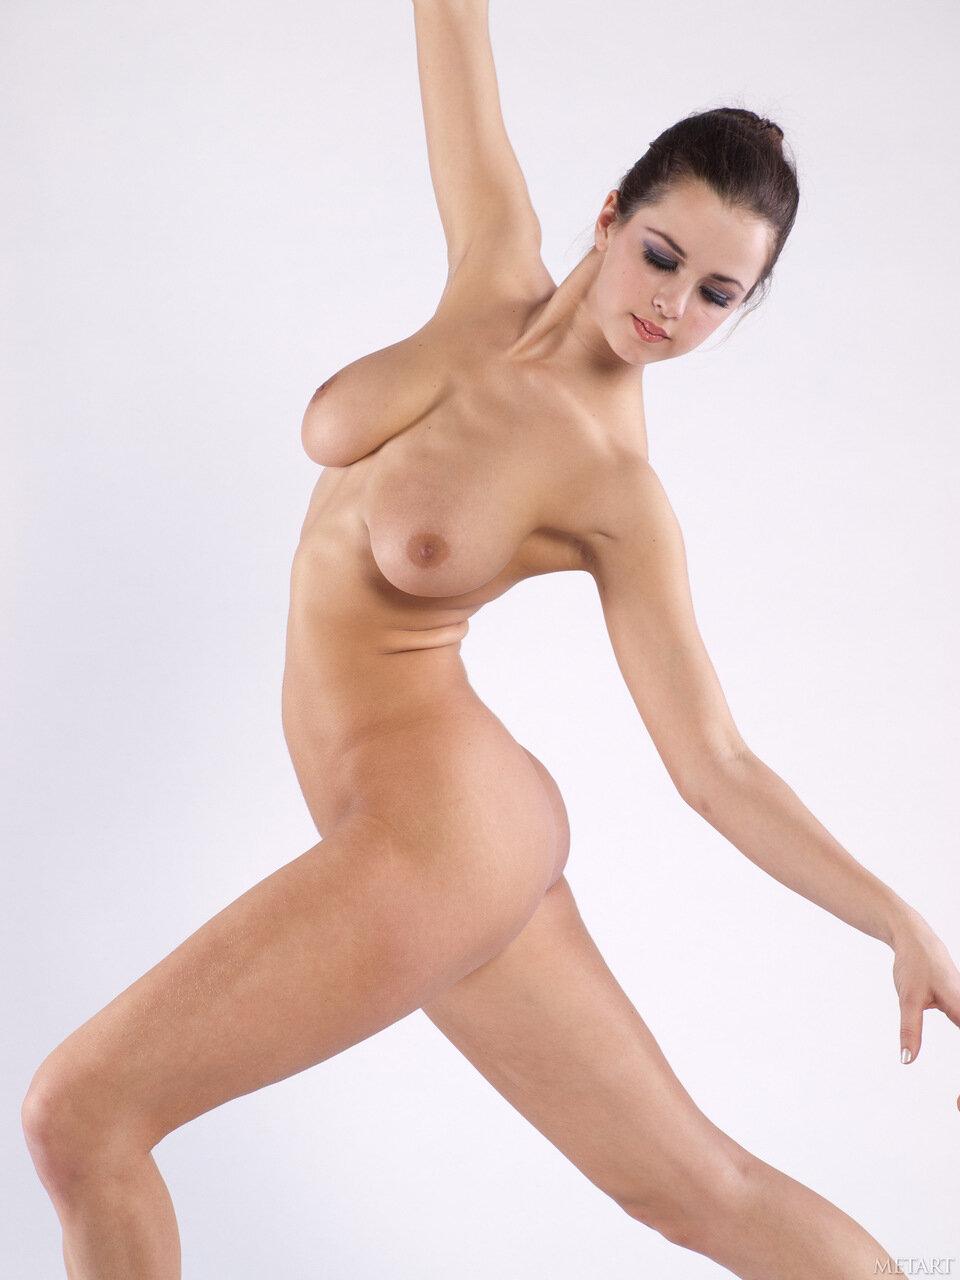 Сексуально озабоченные шимейлы 5 / Kinky Horny Shemales 5